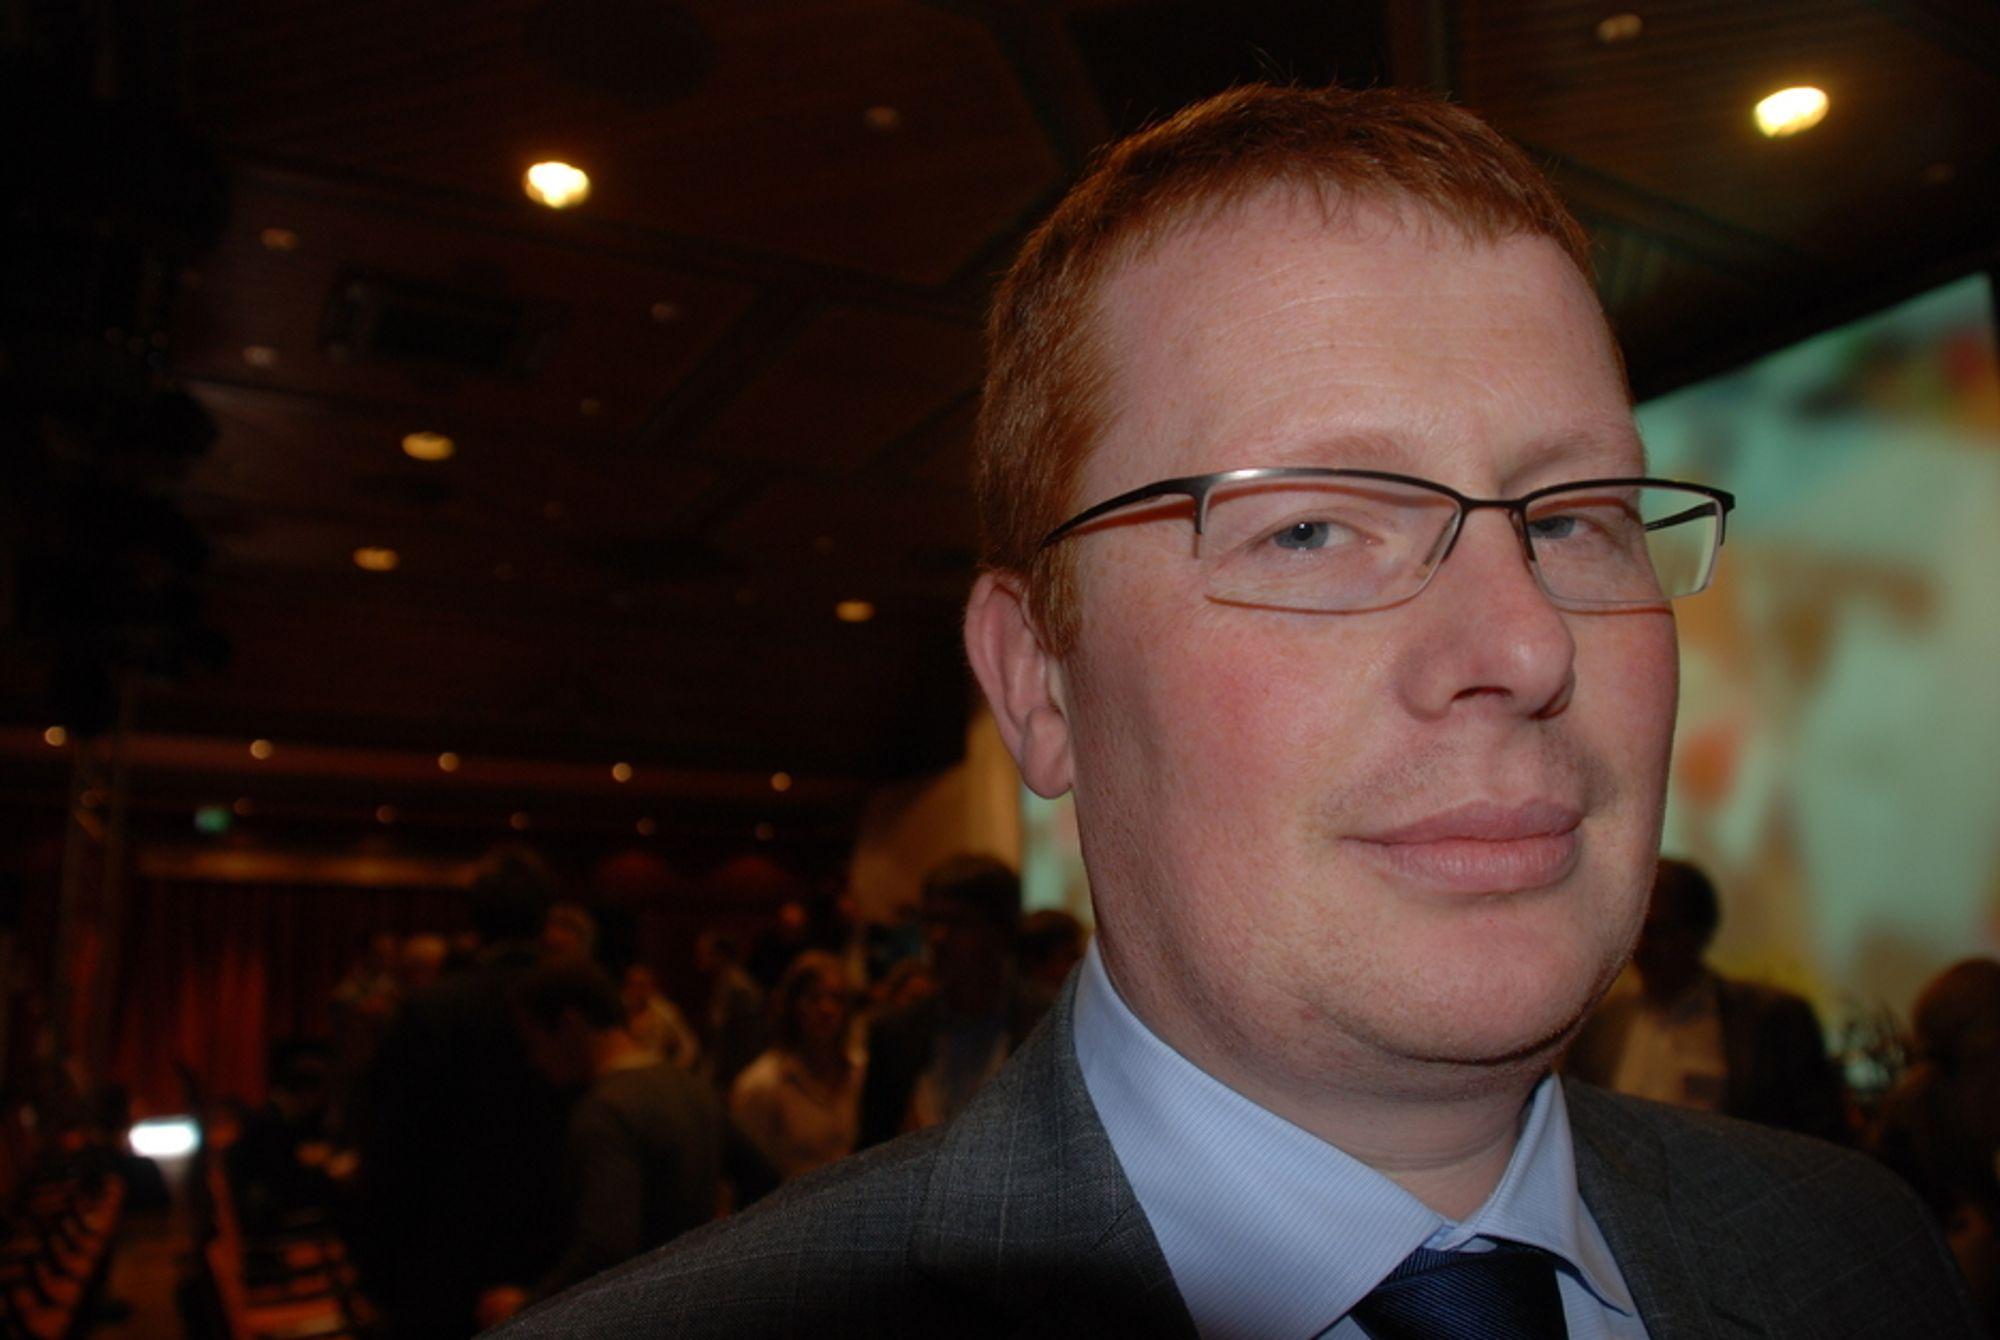 RASENDE: Milliardinvesteringer er i fare etter naturforvaltningens utspill, mener Småkraftforeninges Henrik Glette.